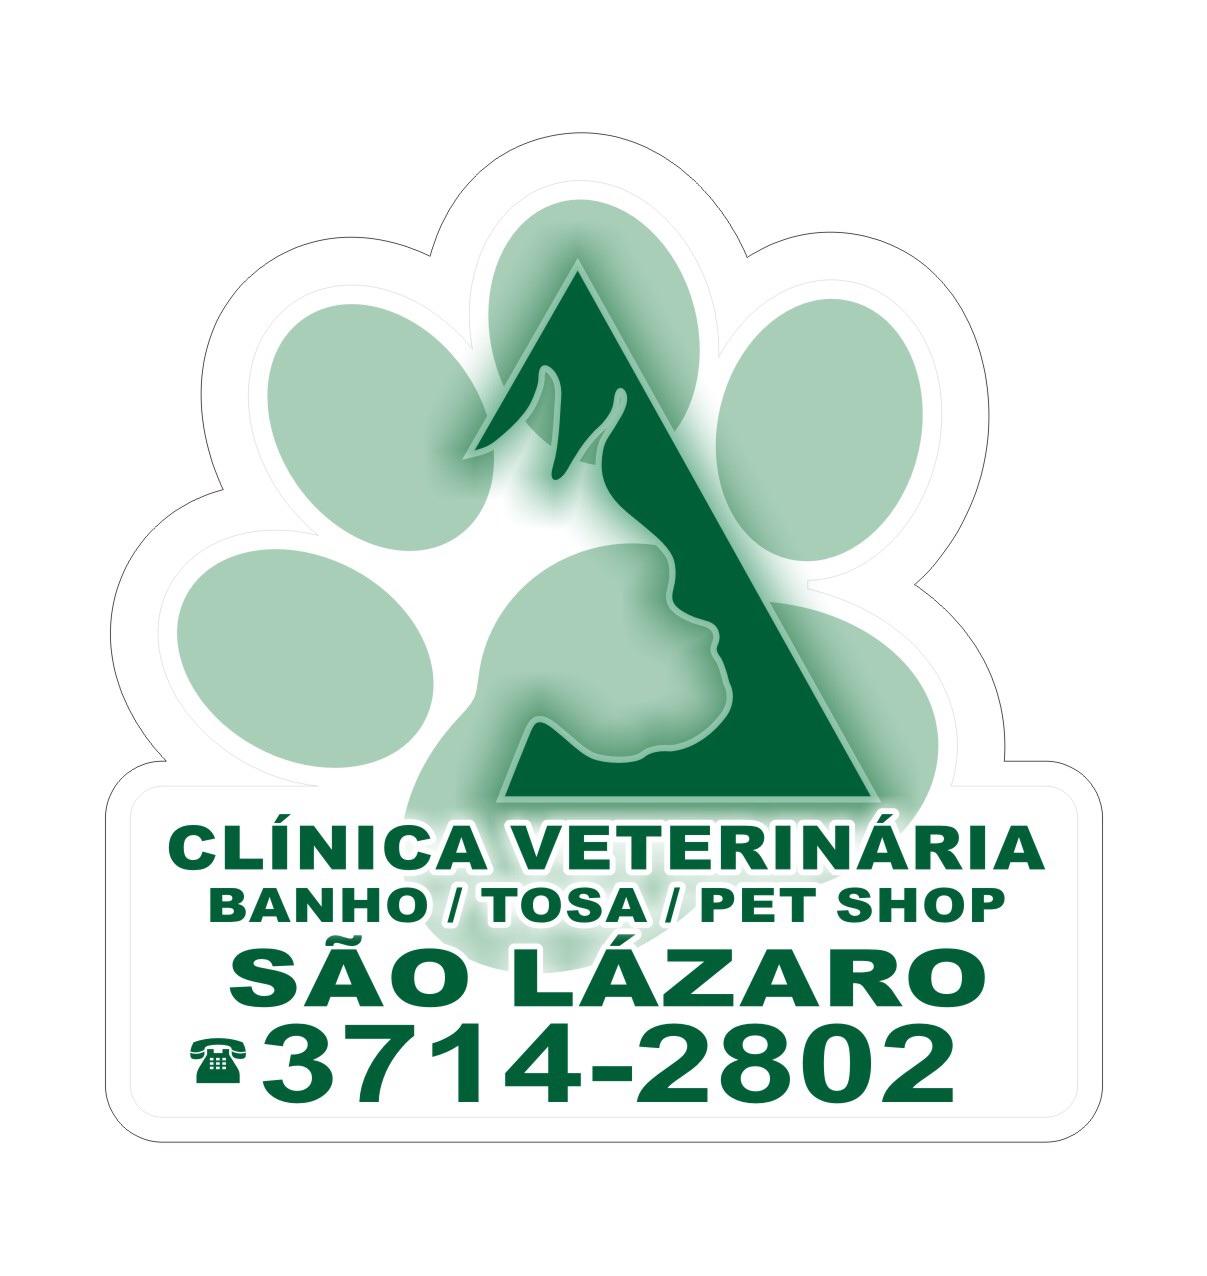 CLINICA VETERINÁRIA SÃO LAZARO